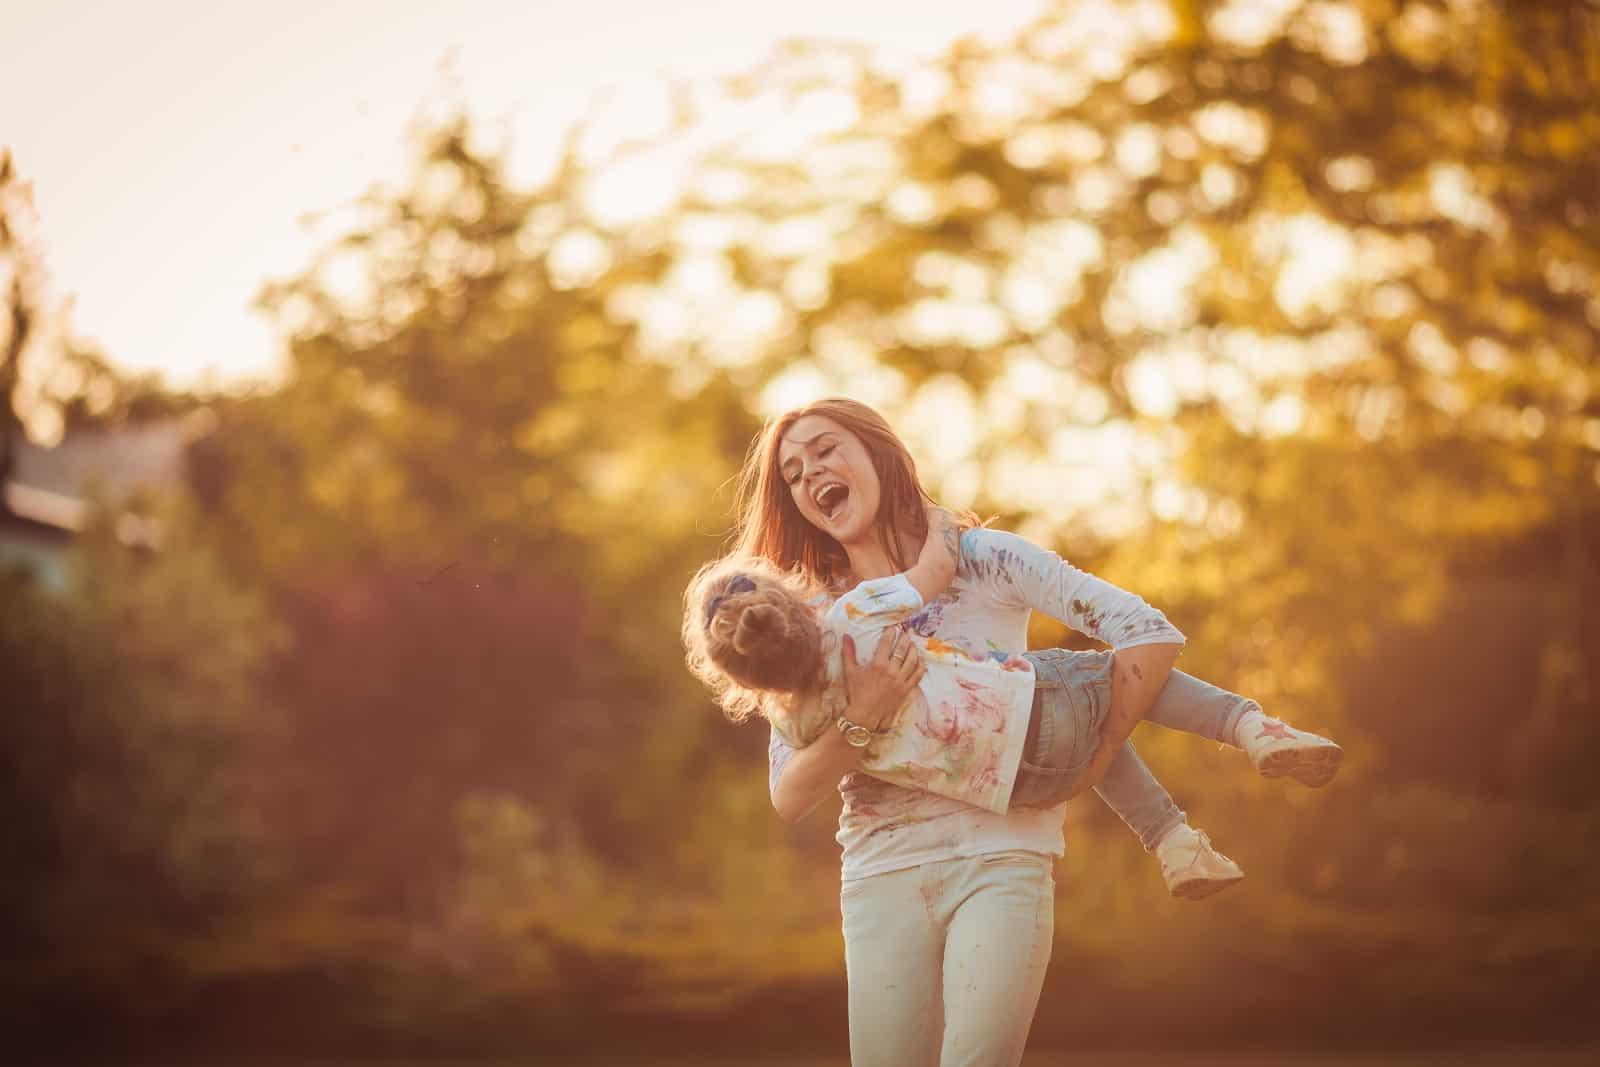 ein lächelndes Mädchen, das ein kleines Kind in ihren Armen hält